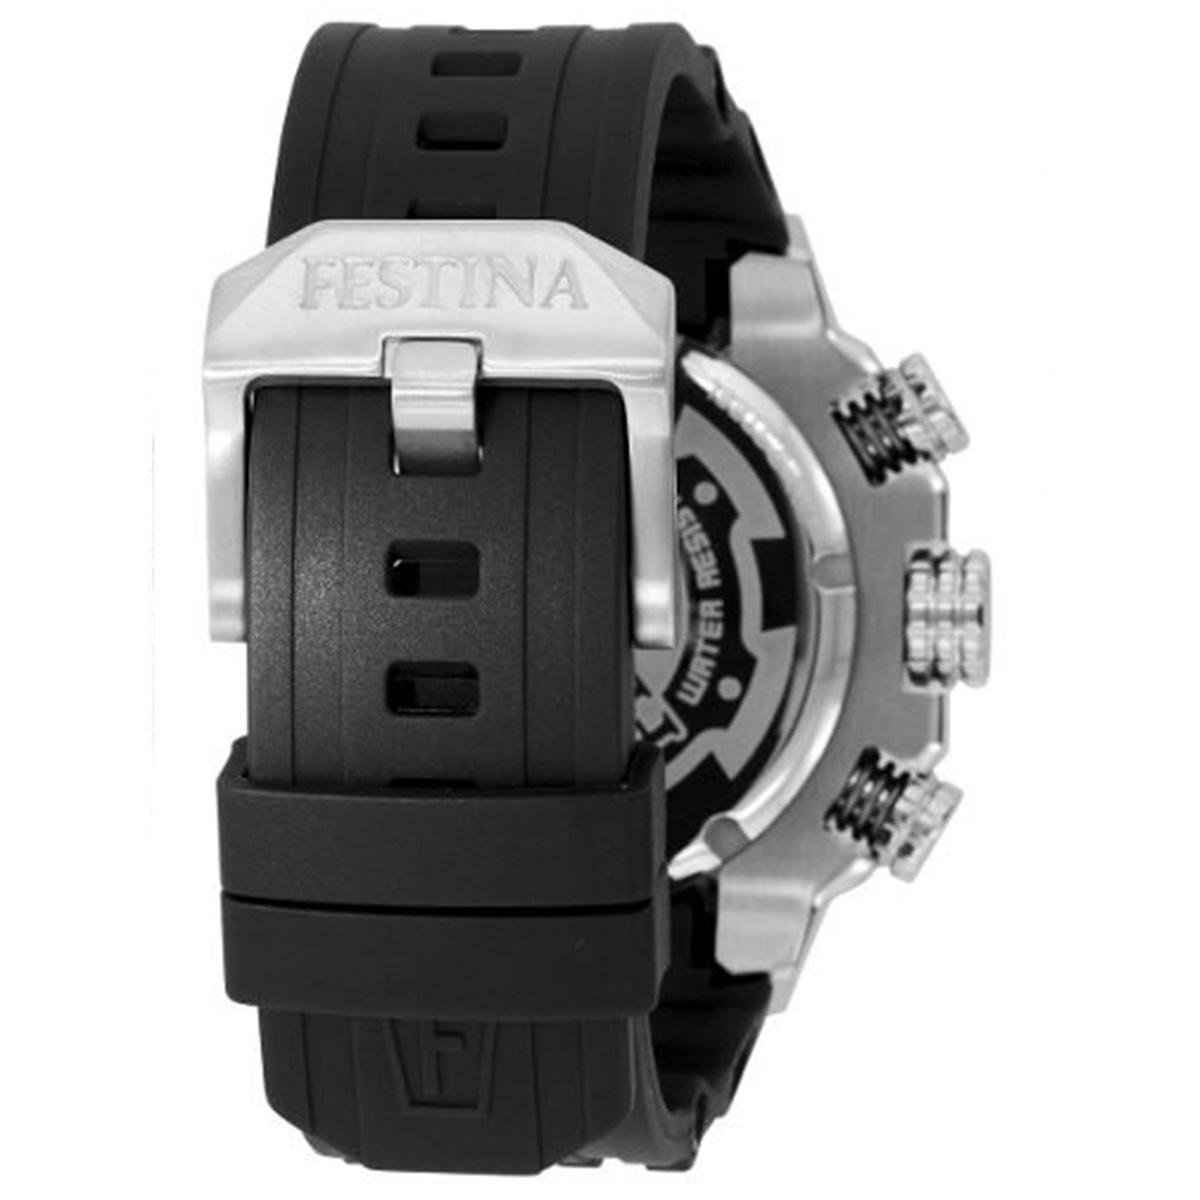 【残り1点】FESTINA フェスティナ クォーツ  腕時計 メンズ スポーツウォッチ [F16601-2] 並行輸入品 メーカー国際保証24ヶ月